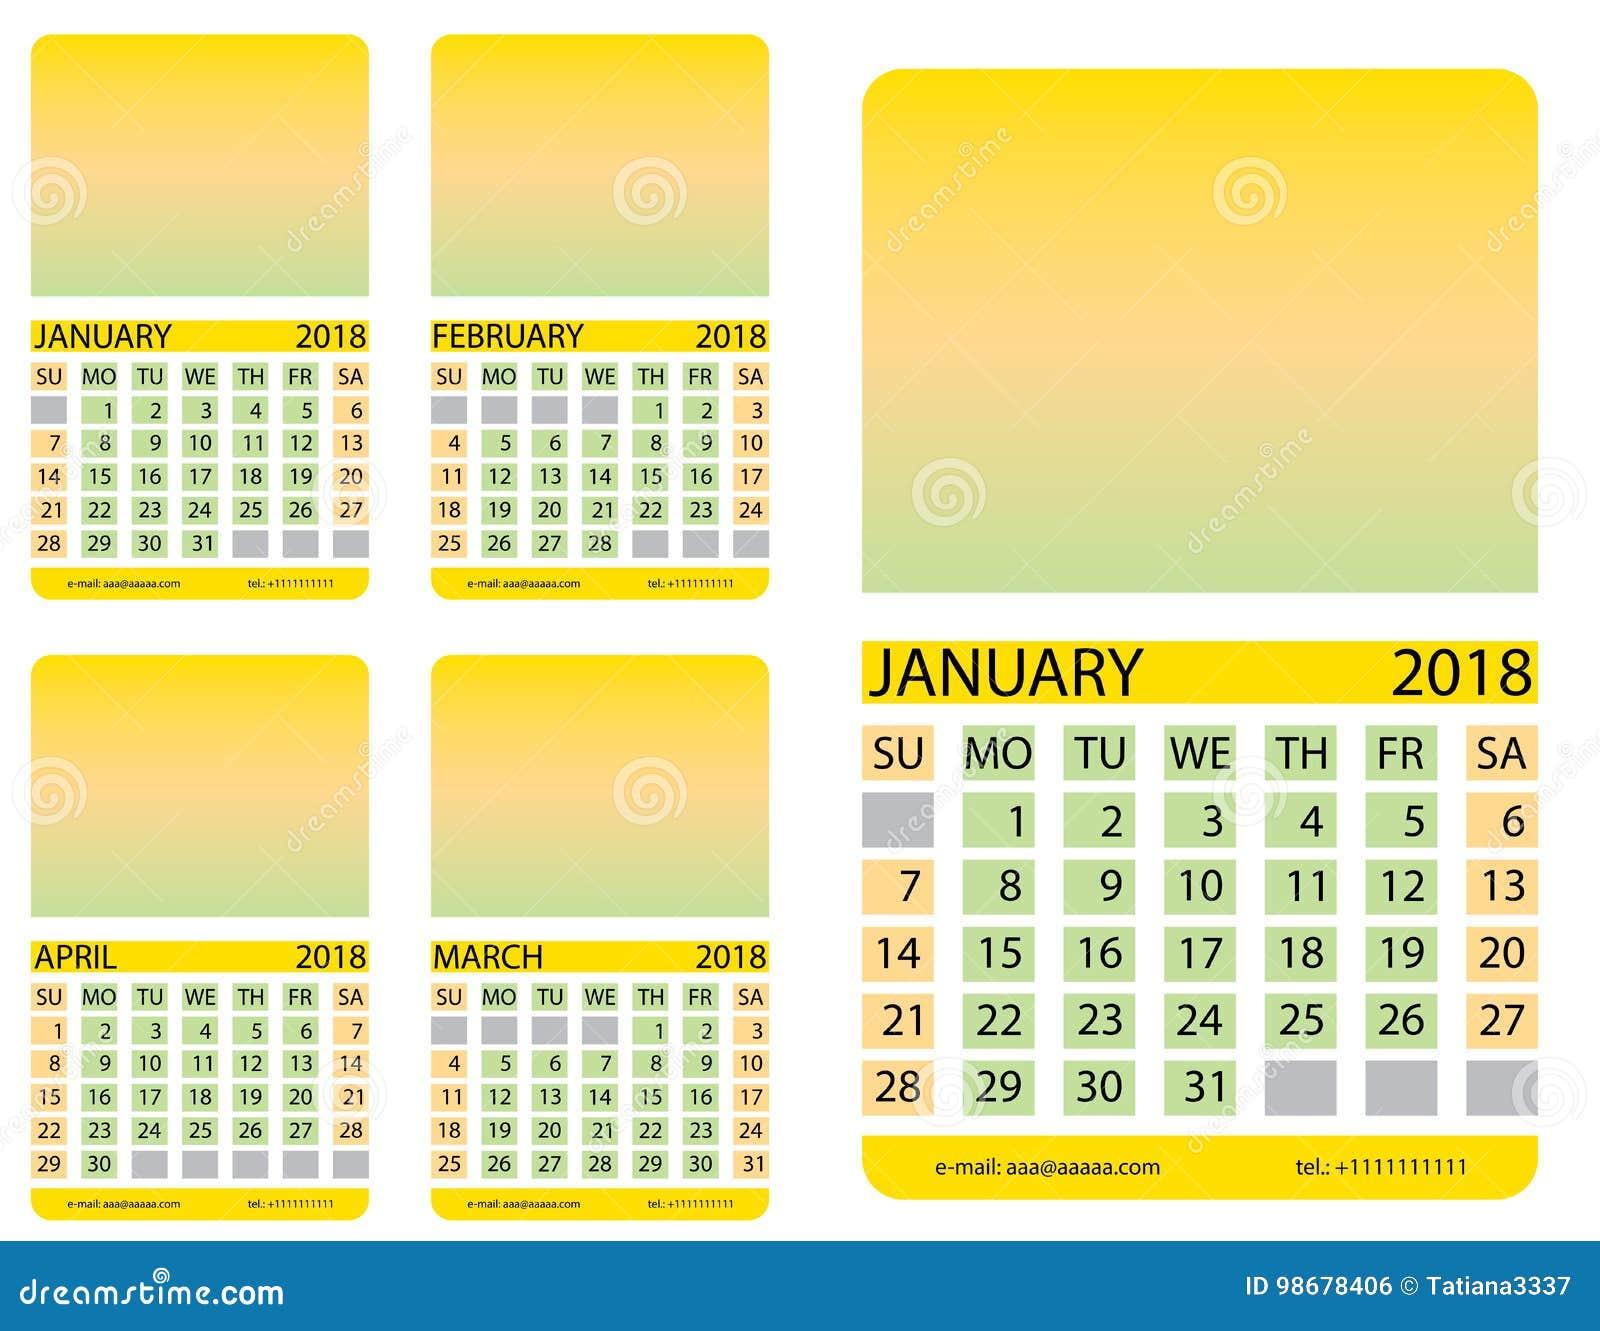 Calendario Gennaio.Griglia Del Calendario Gennaio Febbraio Procedere Aprile